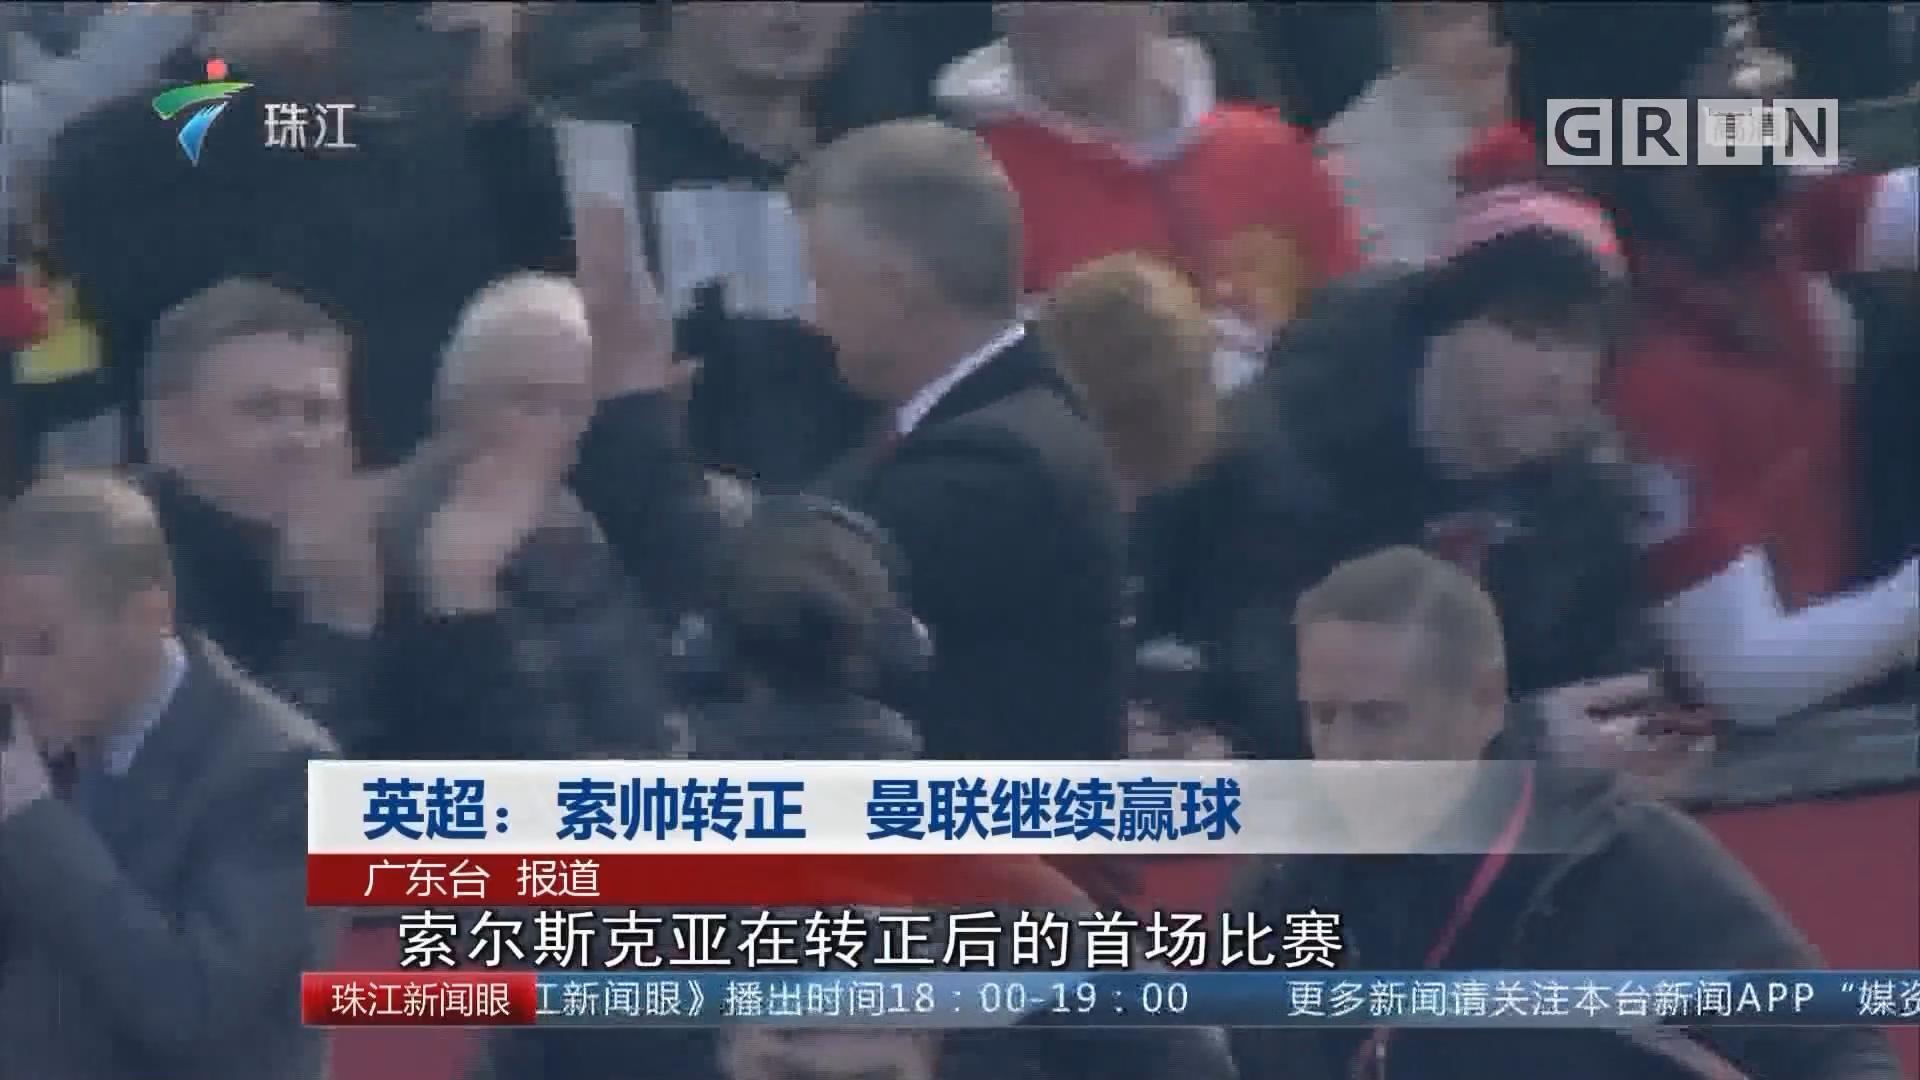 英超:索帅转正 曼联继续赢球